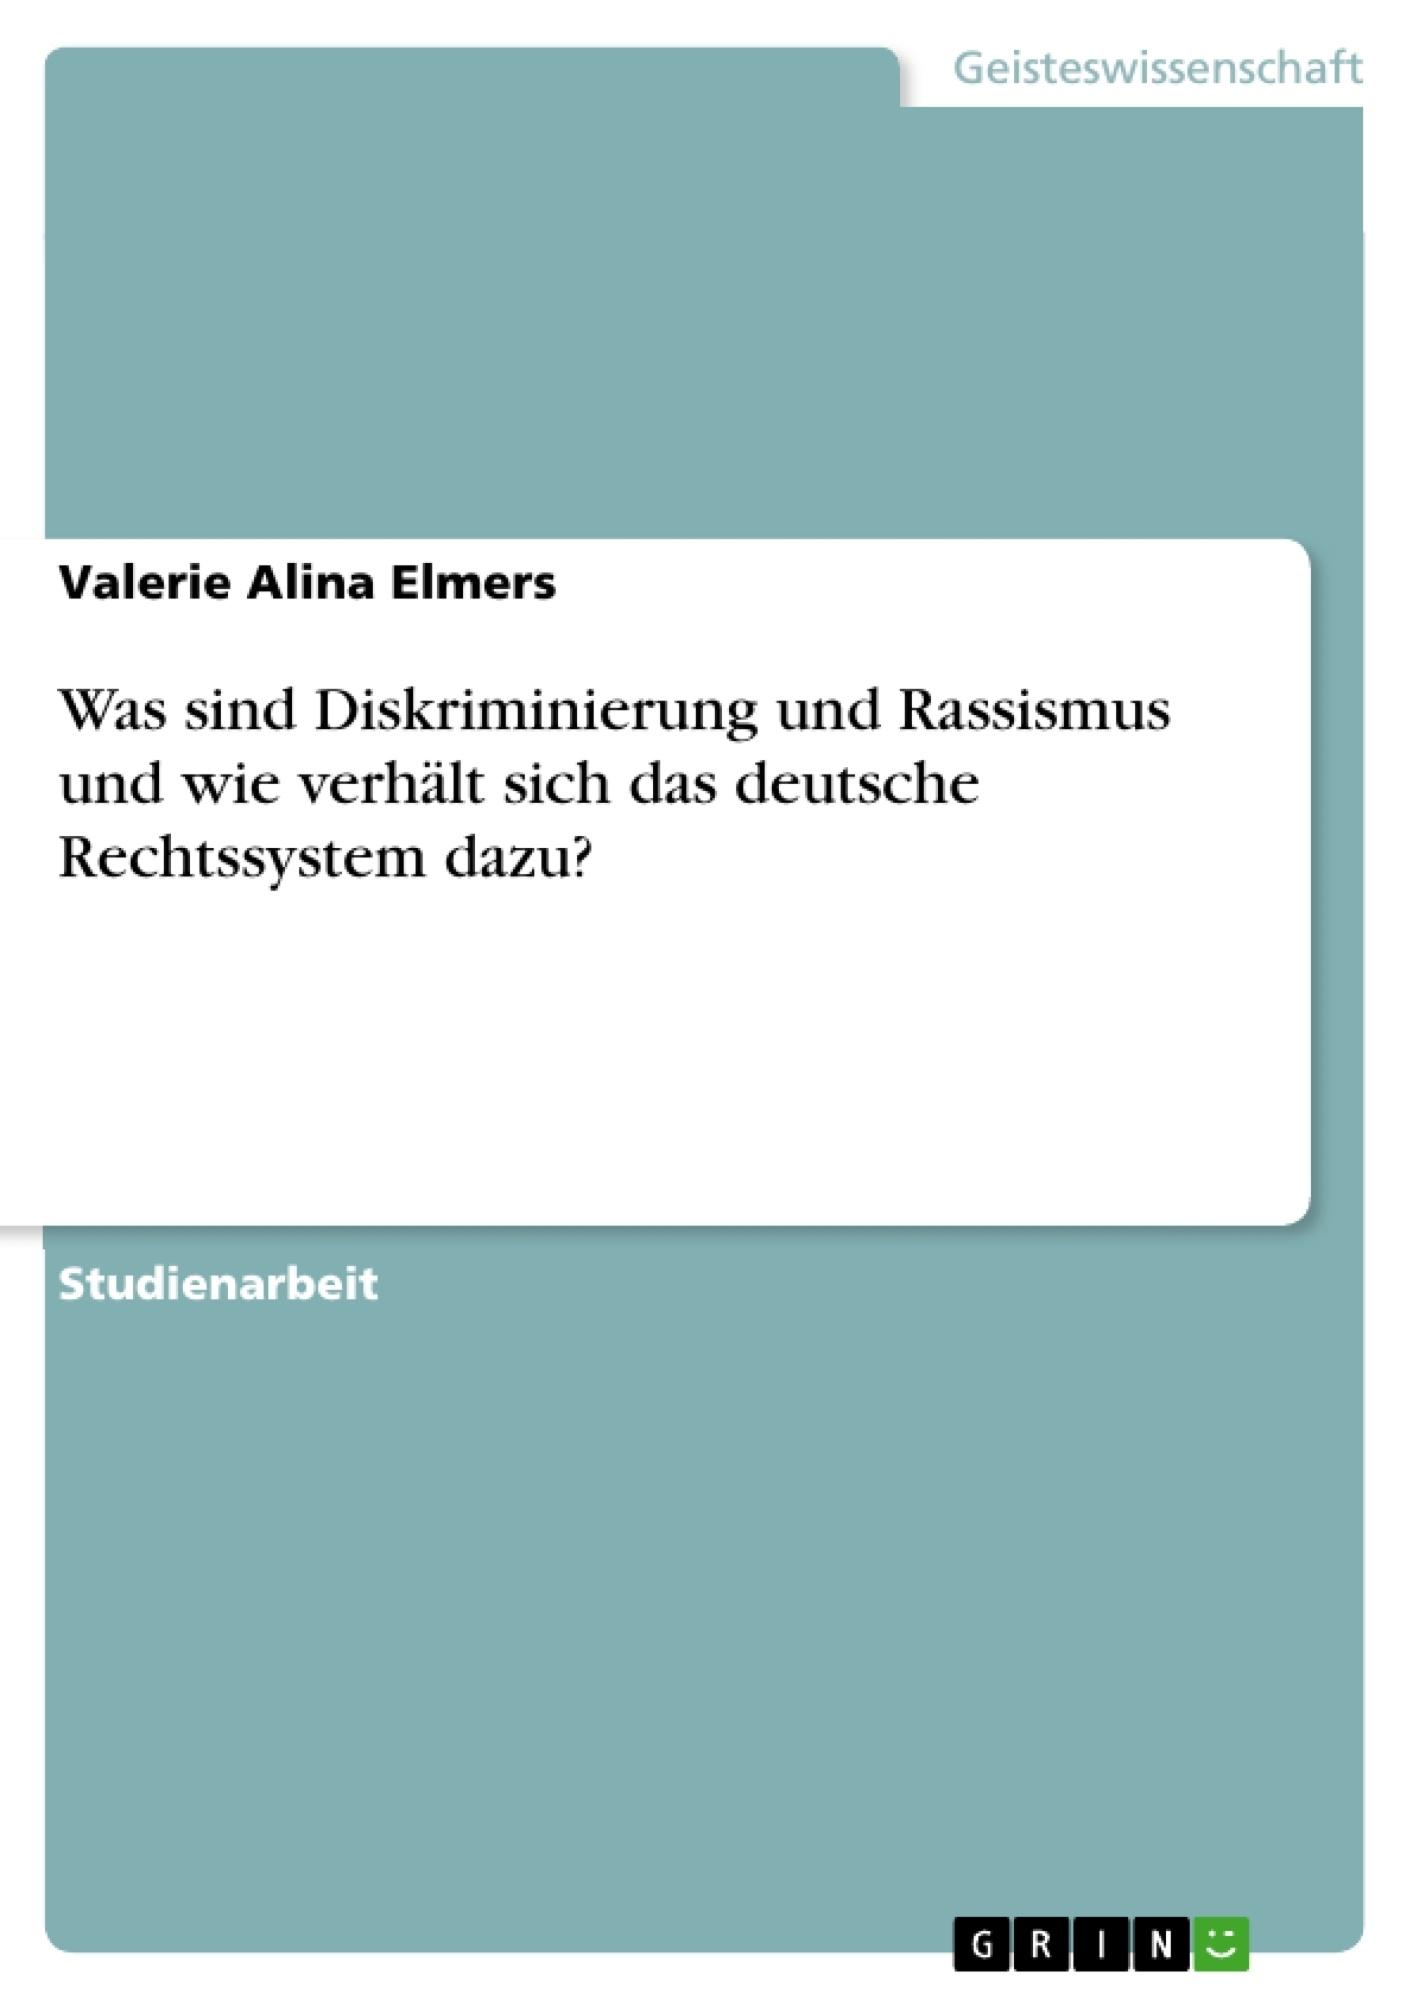 Titel: Was sind Diskriminierung und Rassismus und wie verhält sich das deutsche Rechtssystem dazu?